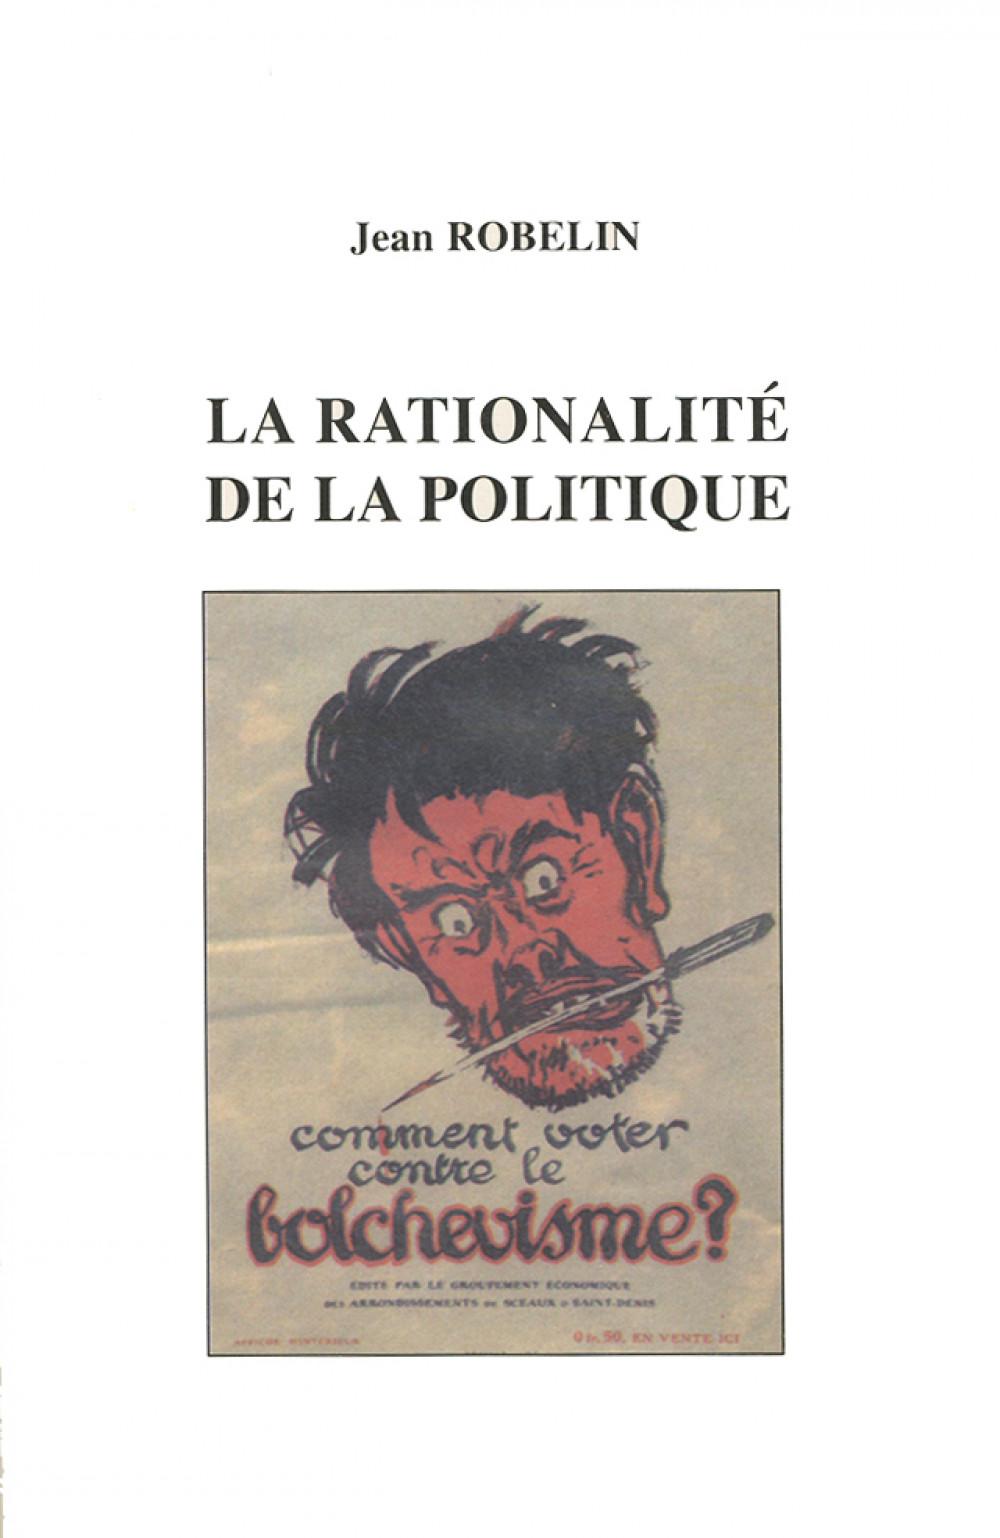 La rationalité de la politique